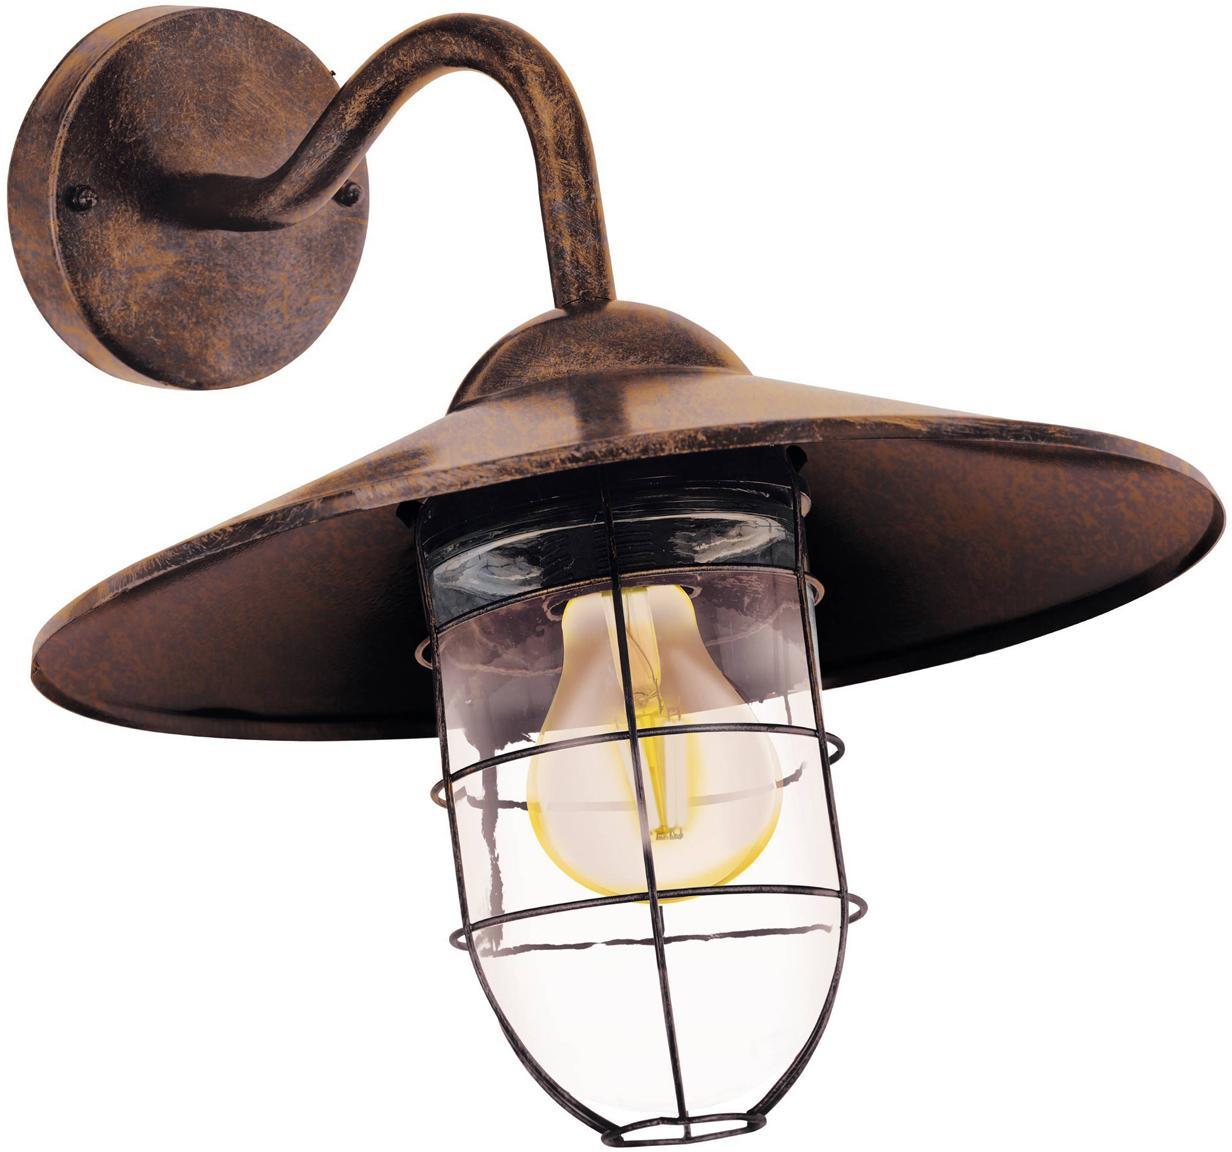 Aplique para exterior Melgoa, Pantalla: vidrio, Estructura: acero galvanizado, Cobre, An 30 x F 25 cm